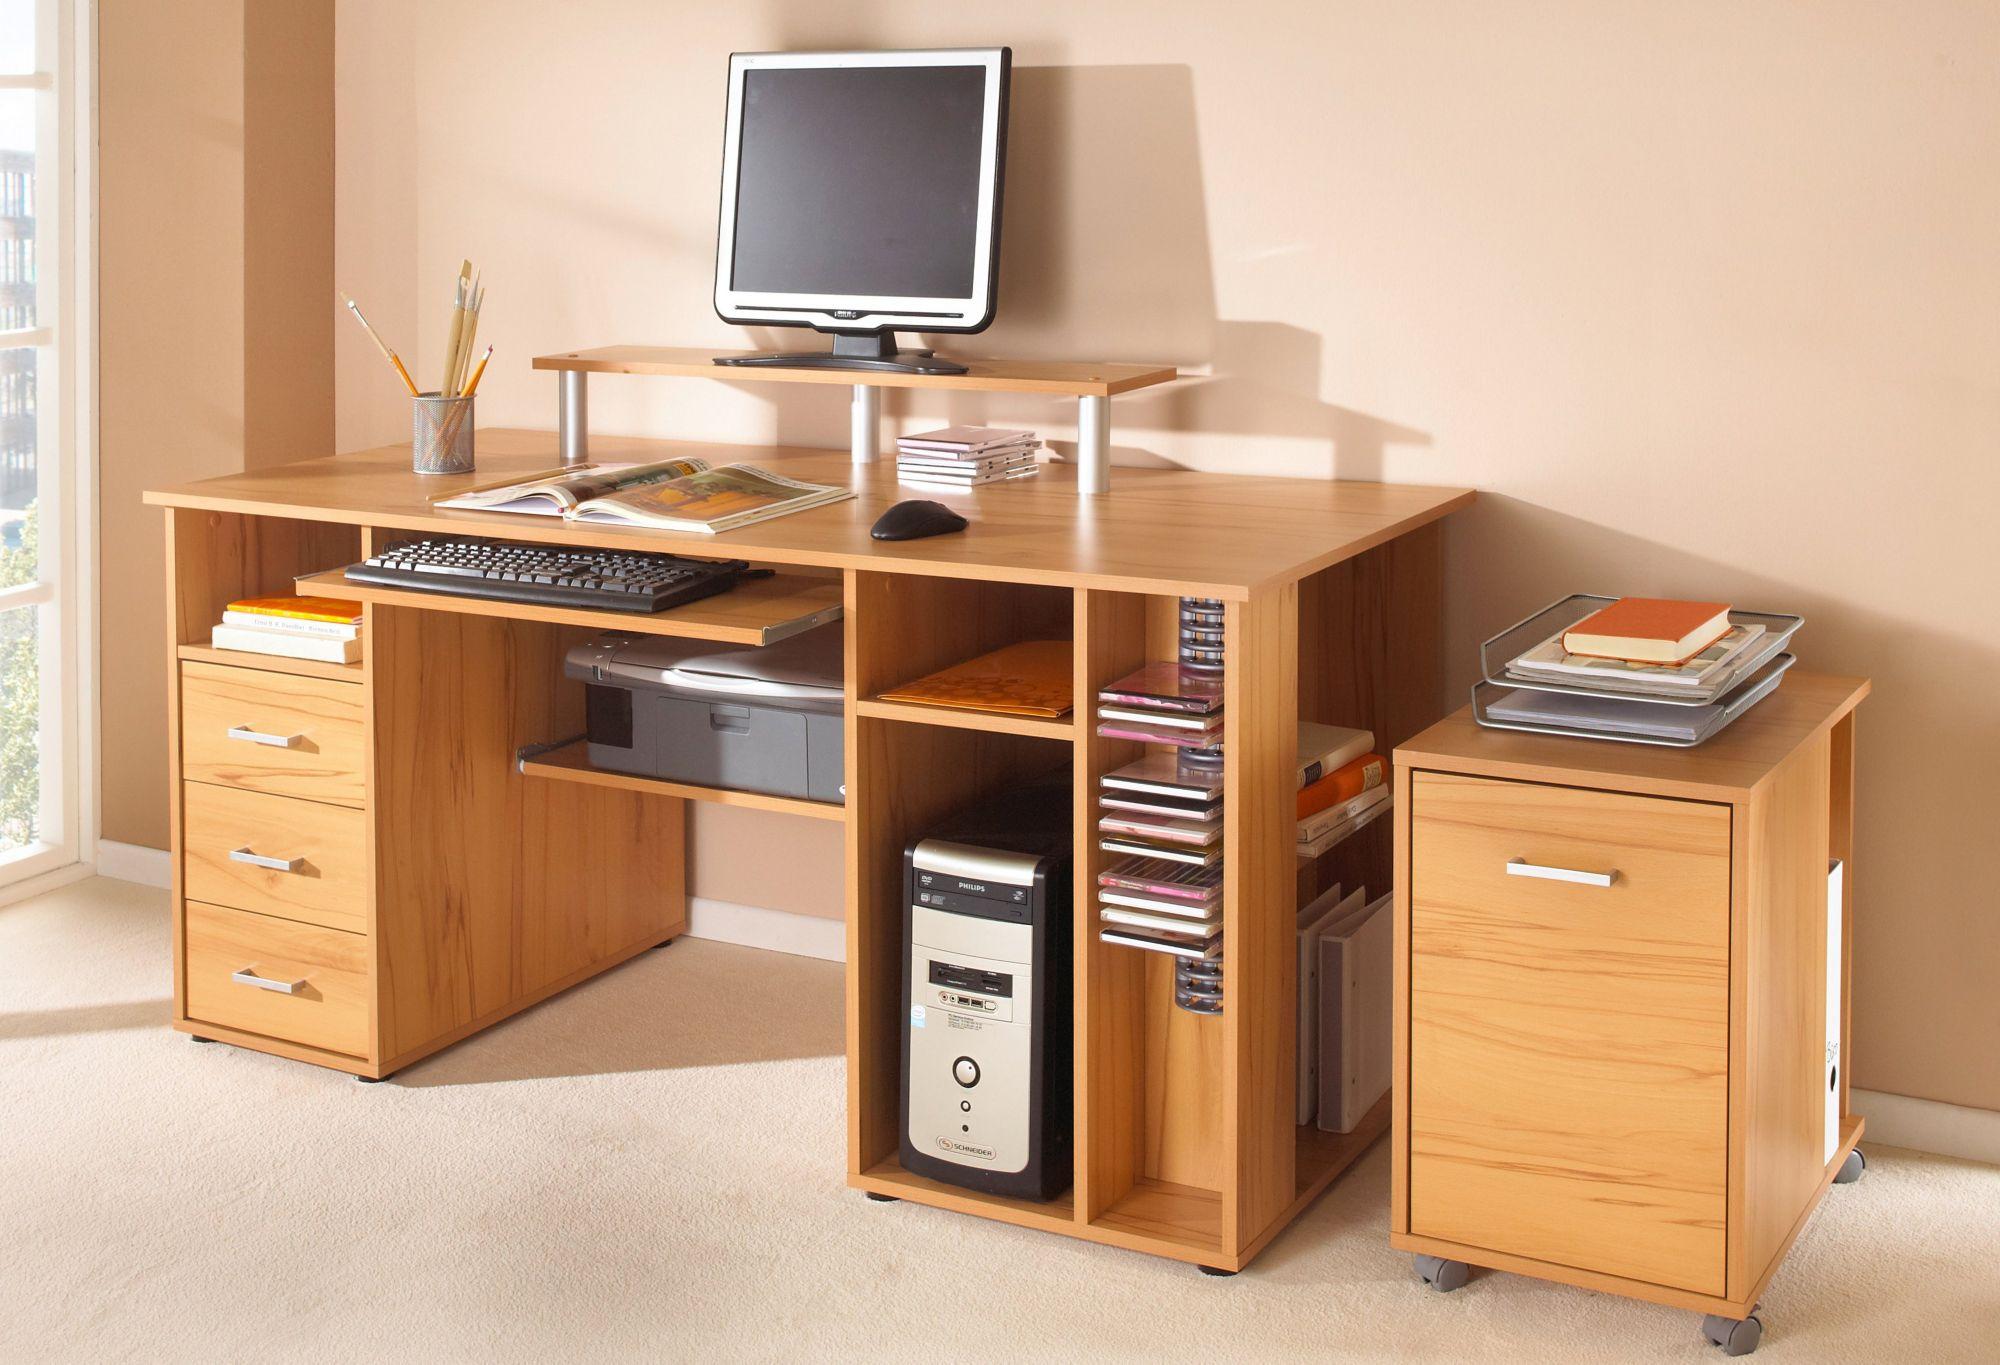 schreibtisch g nstig online kaufen beim schwab versand. Black Bedroom Furniture Sets. Home Design Ideas